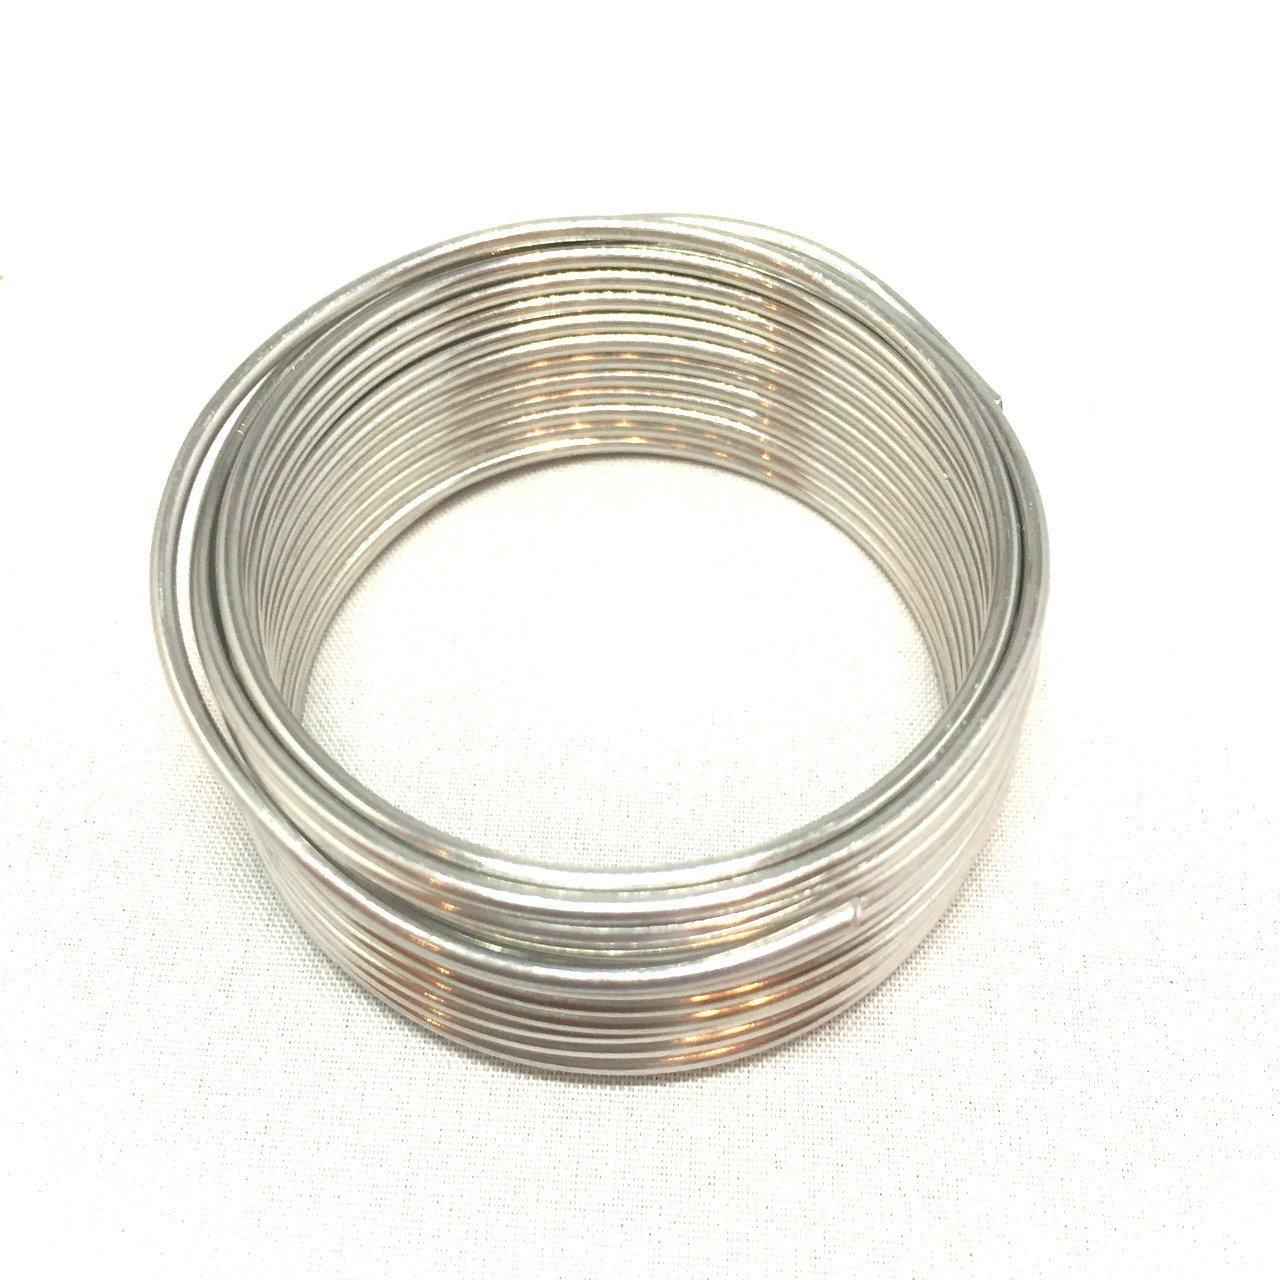 Filo di alluminio 1.5mm x 3meters Anibild